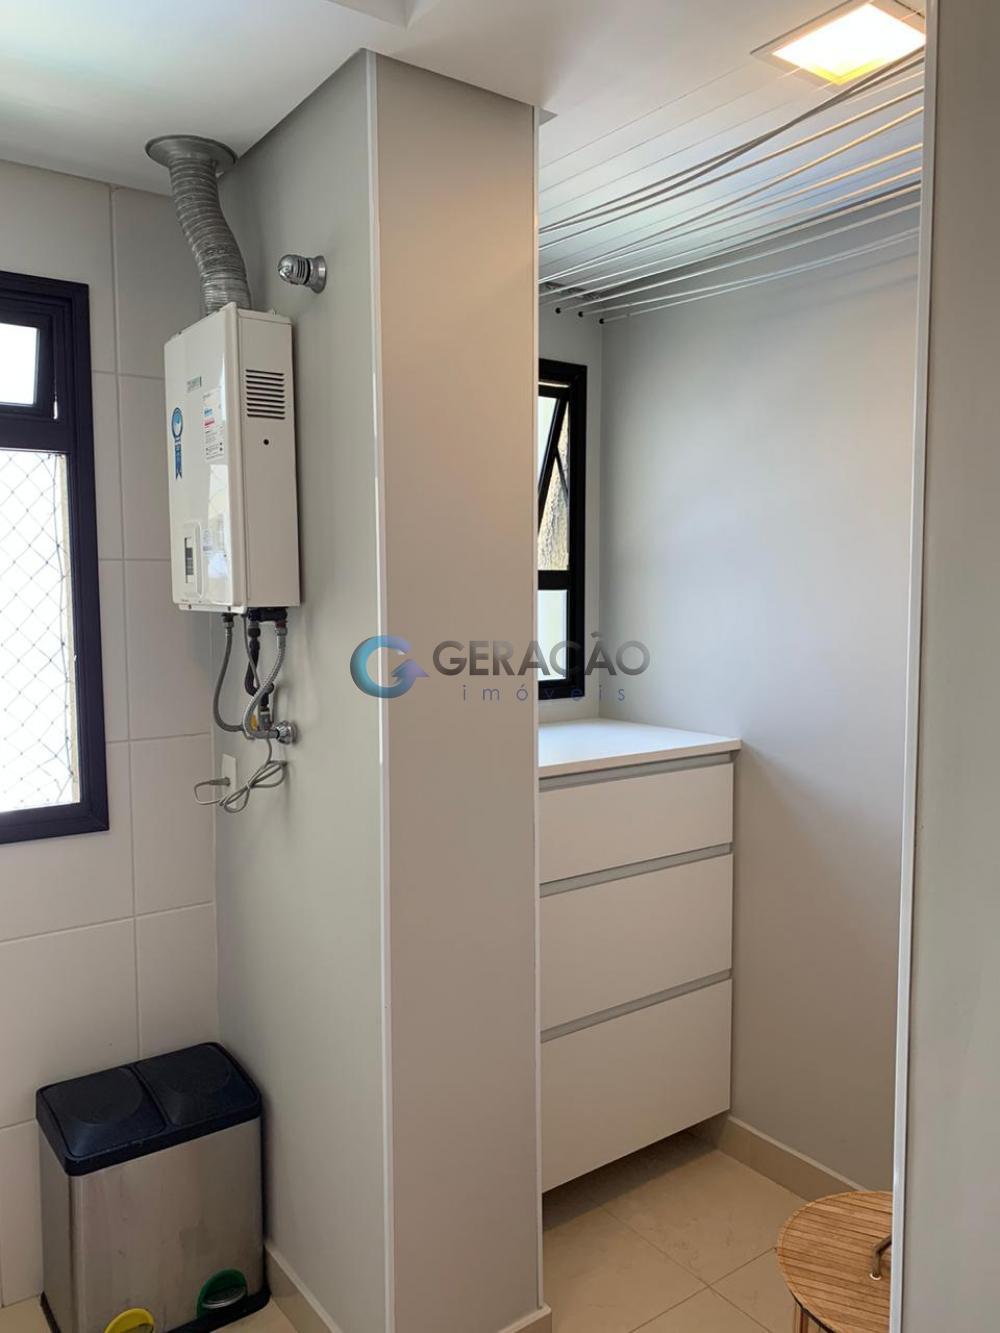 Comprar Apartamento / Padrão em São José dos Campos apenas R$ 950.000,00 - Foto 22